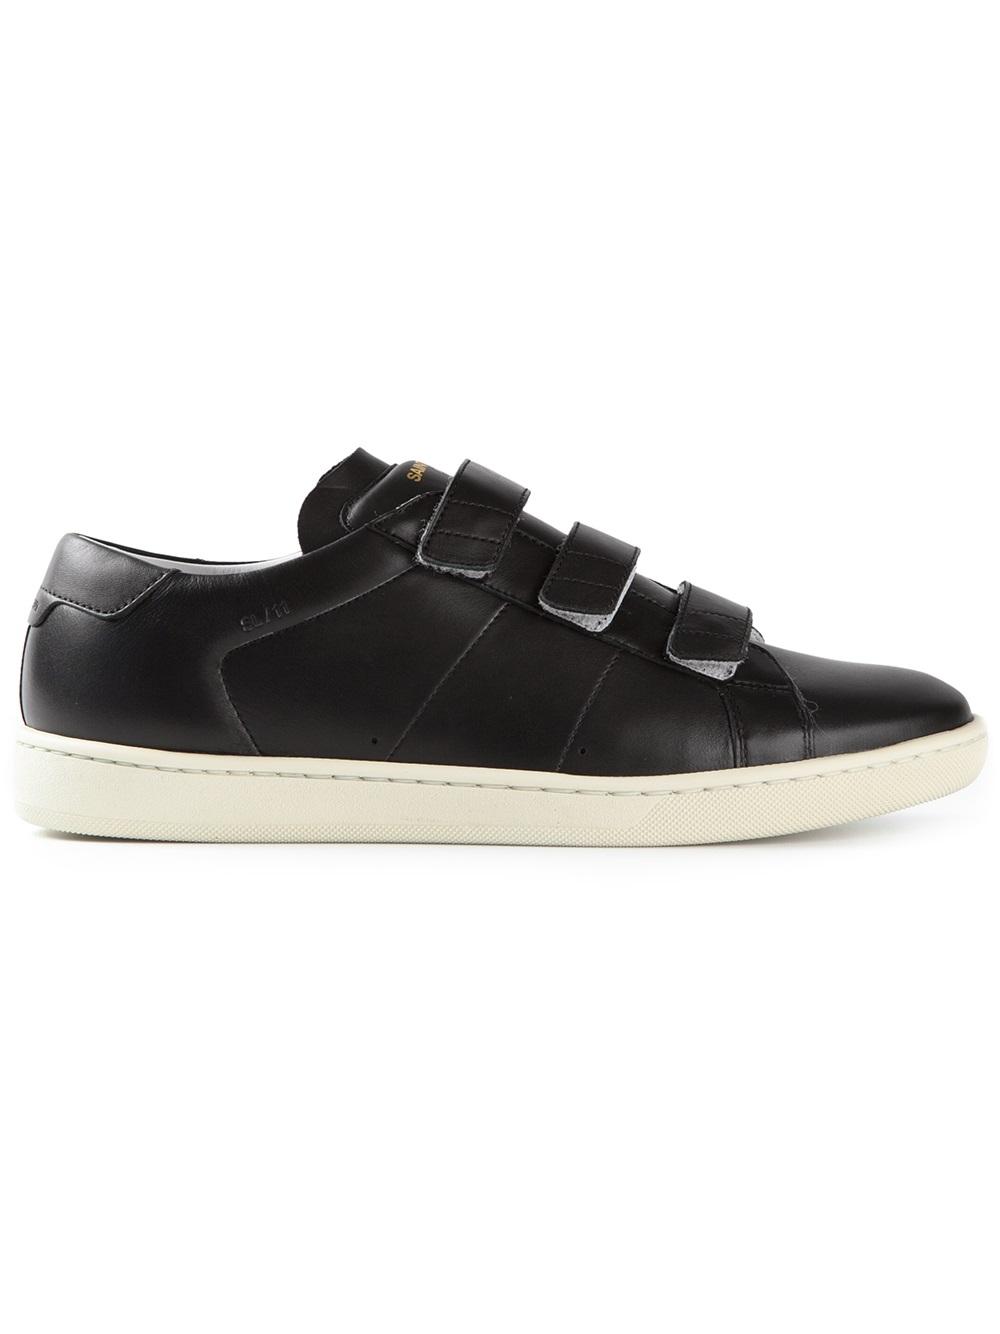 Saint Laurent Velcro Sneakers in Black